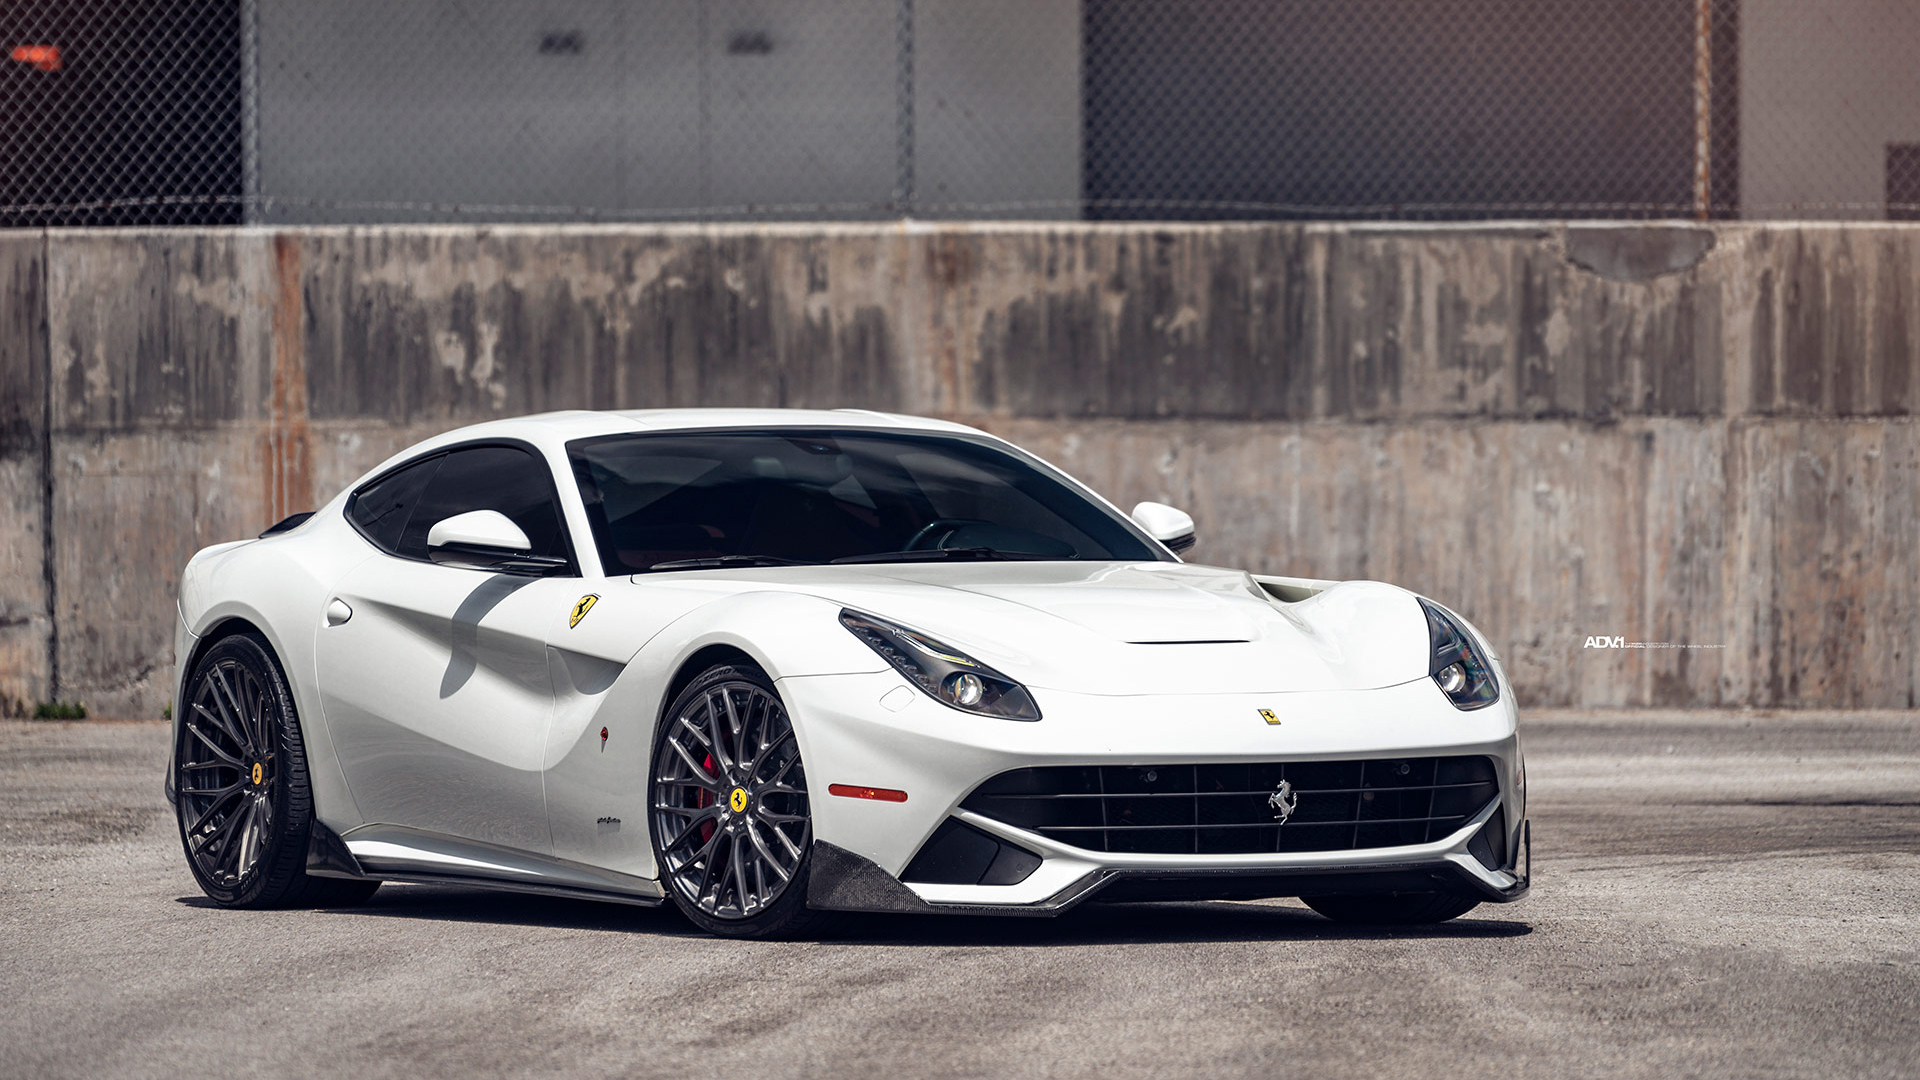 Ferrari F12 Berlinetta Wallpaper Hd Car Wallpapers Id 10939